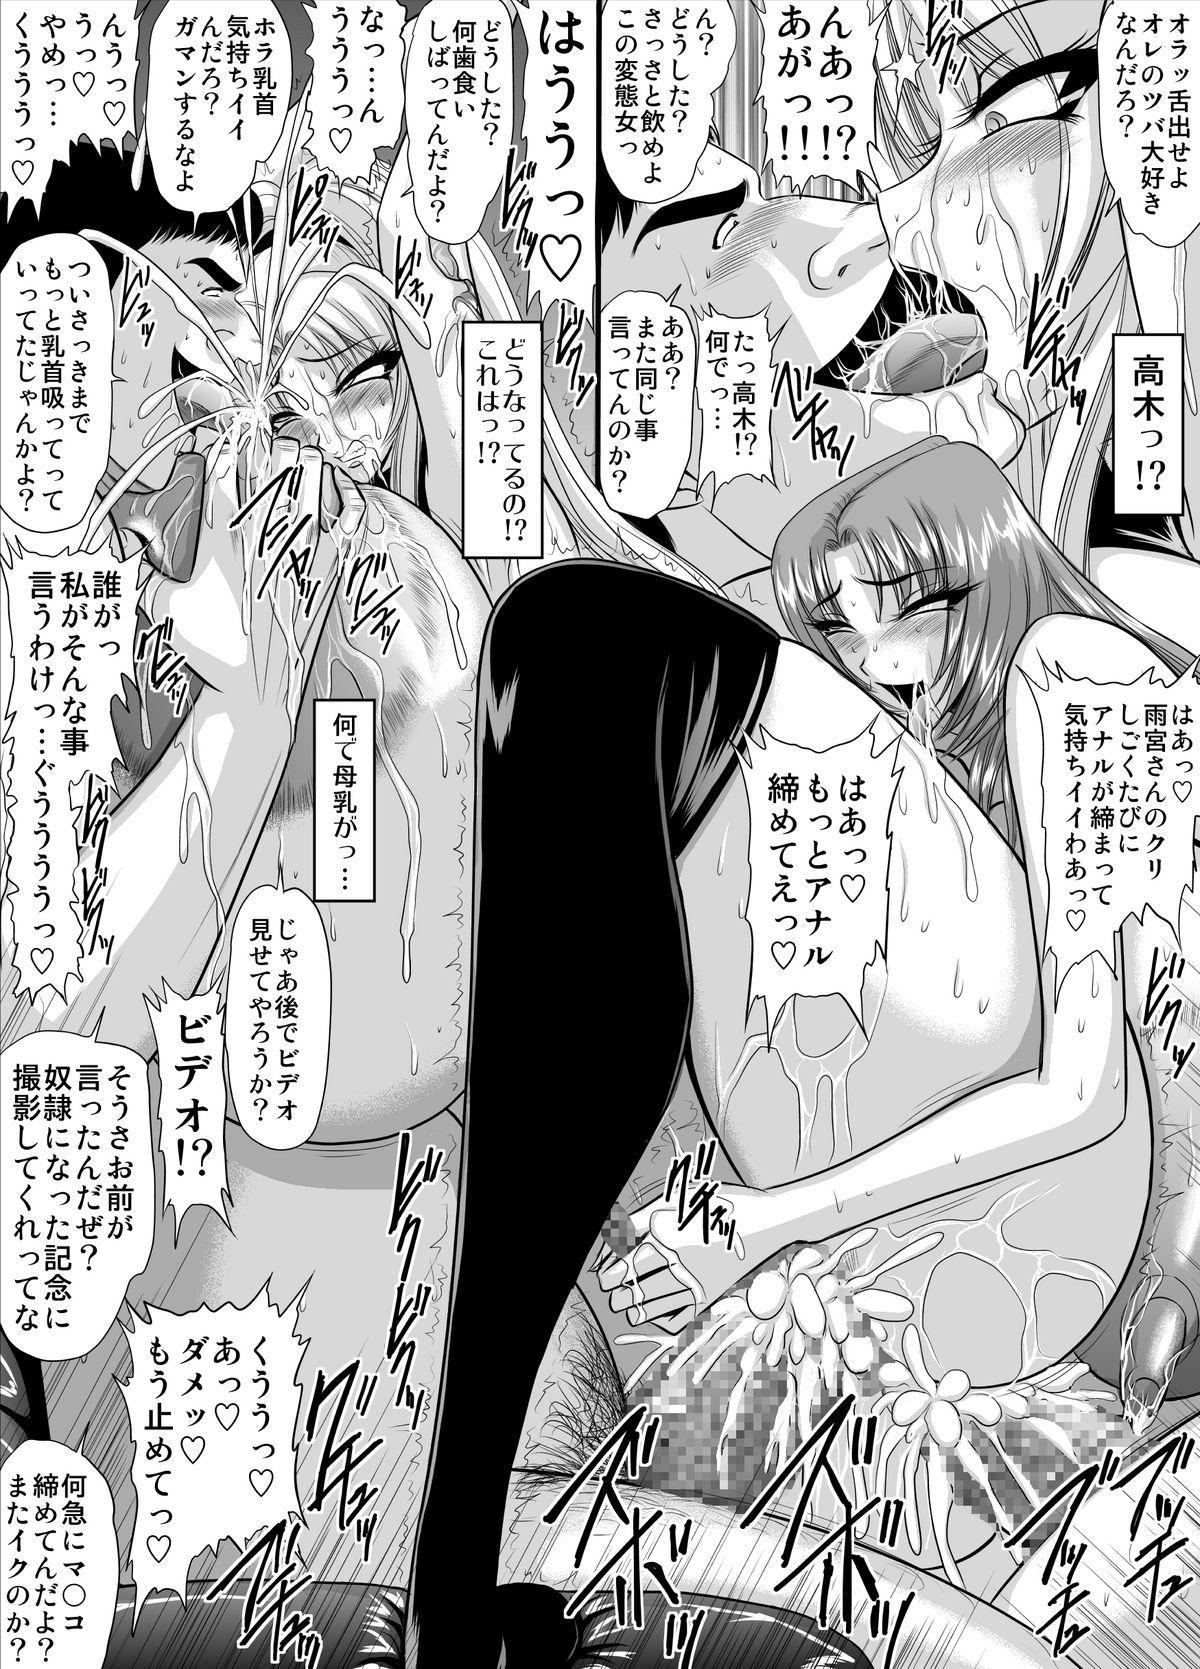 Keiyaku Sei Dorei Bakunyuu Kyoushi Sayaka 12 3